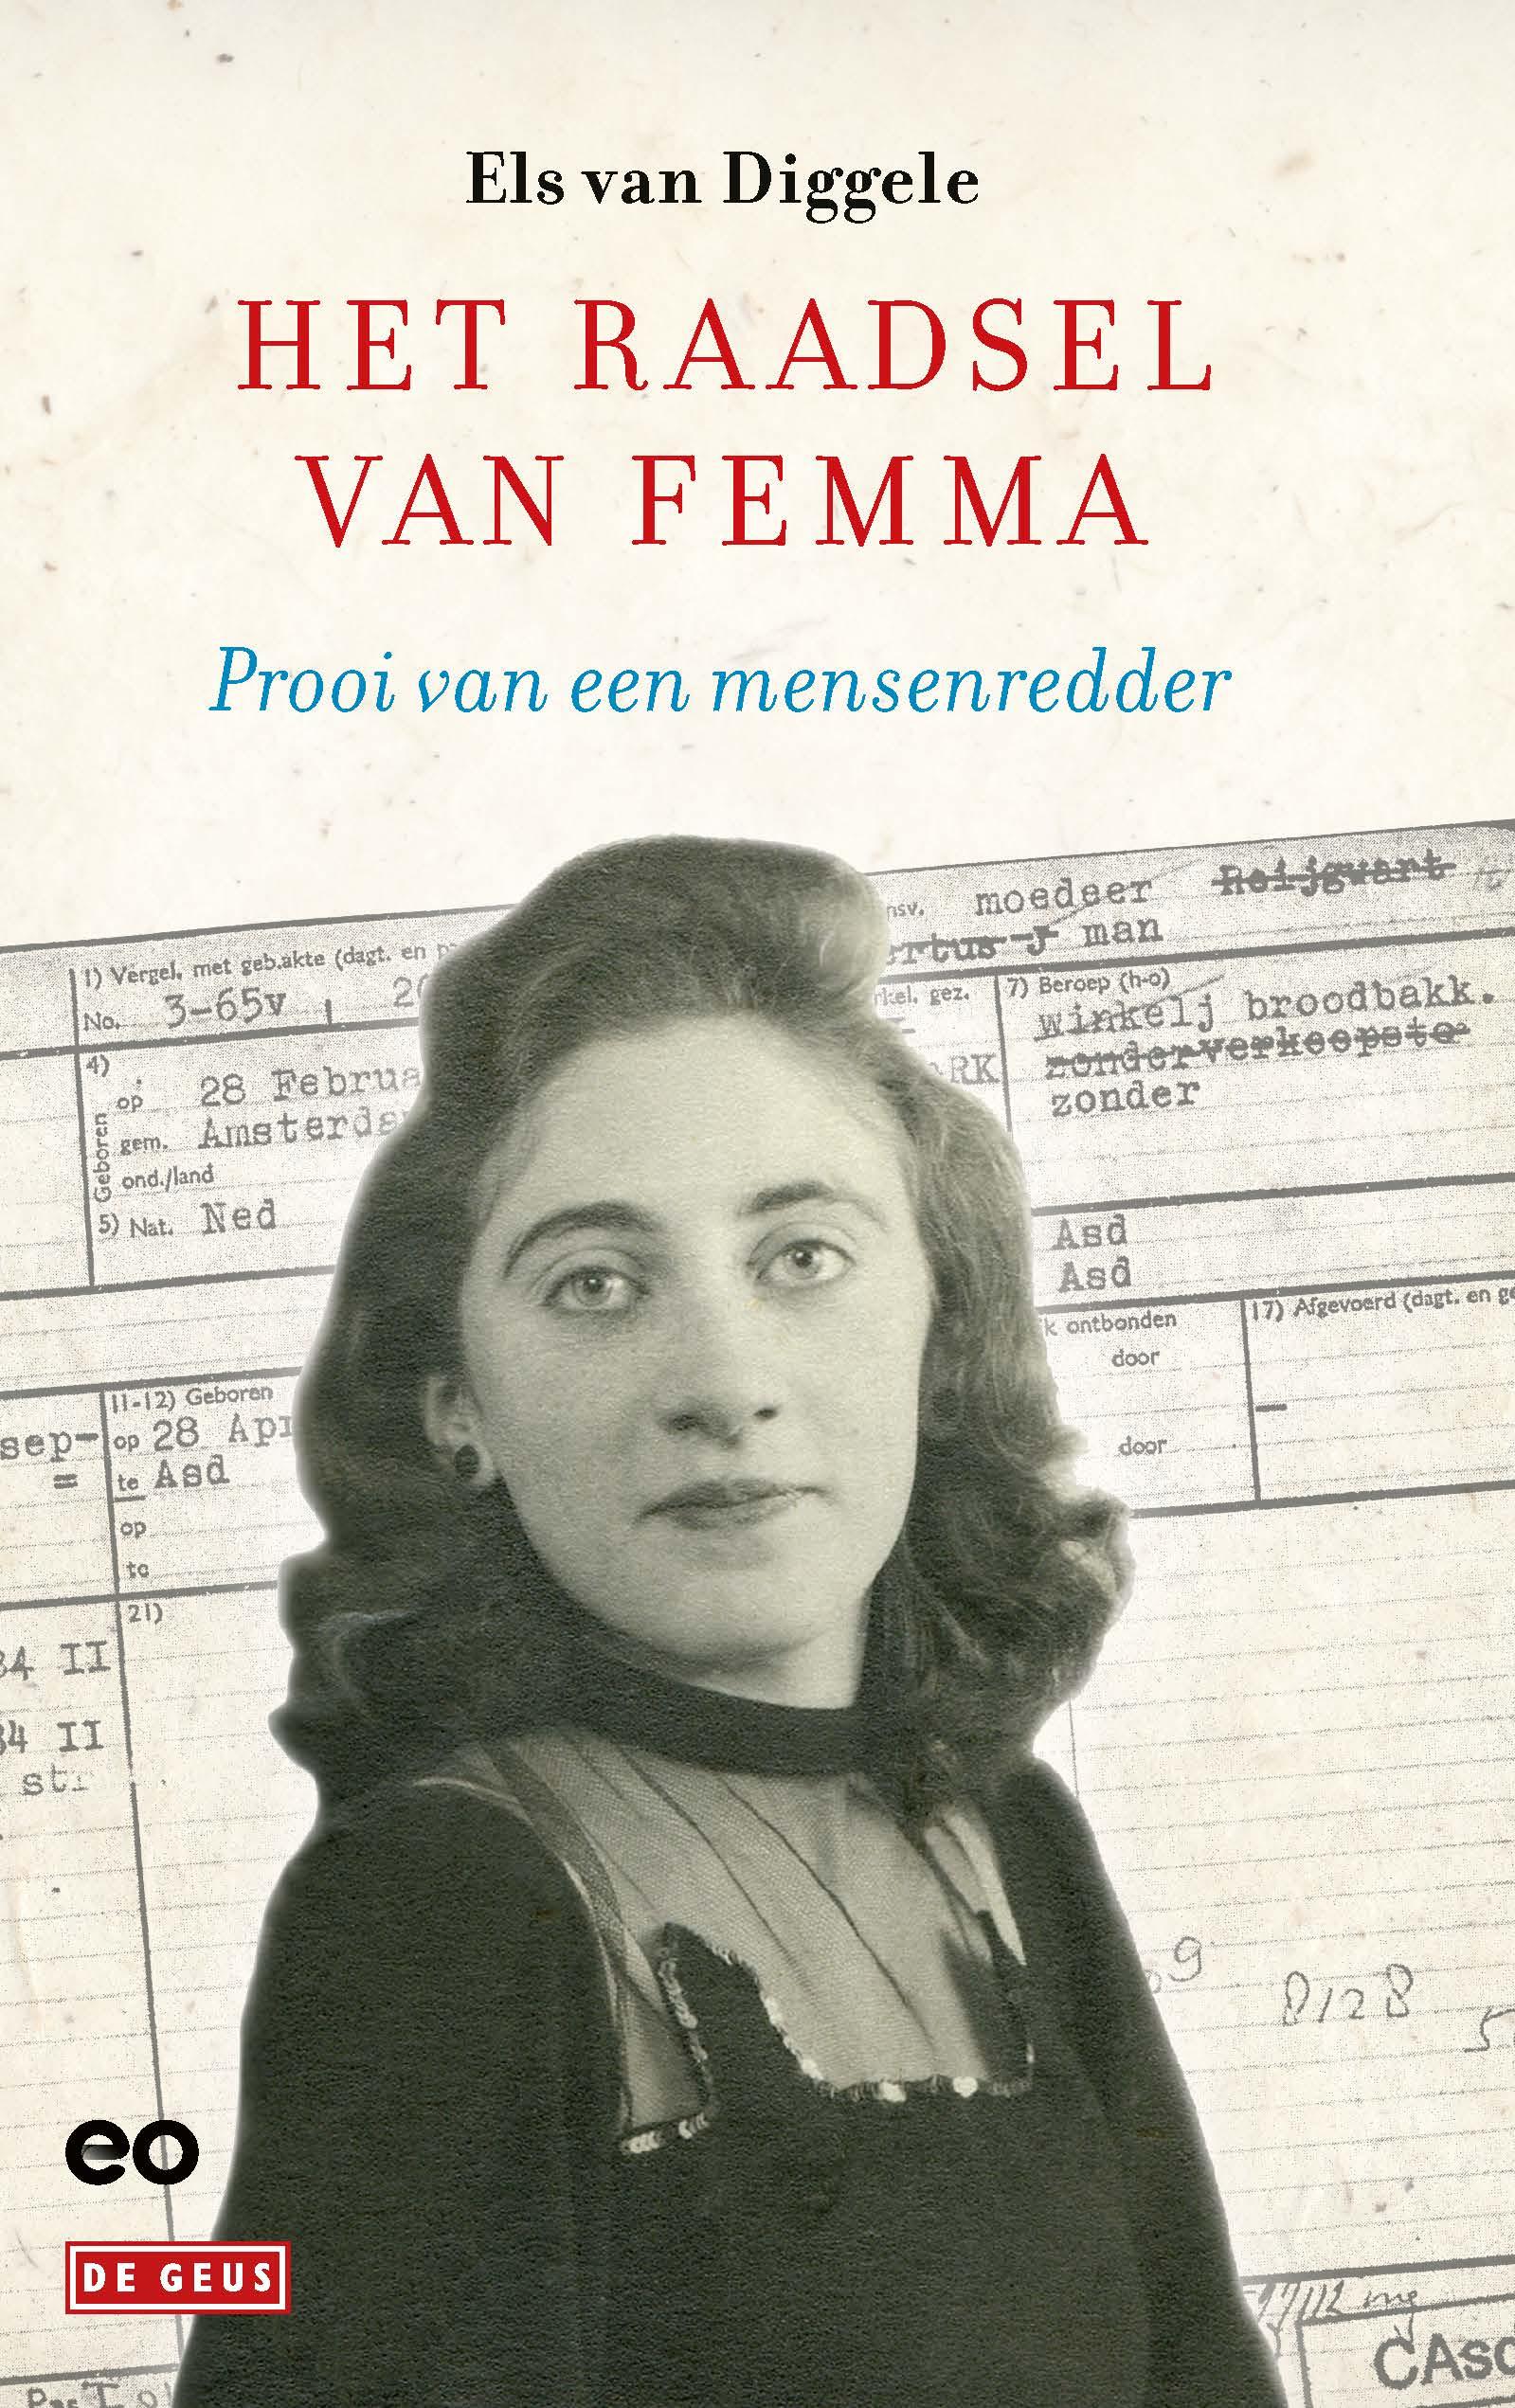 Het raadsel van Femma - boekenflits.nl